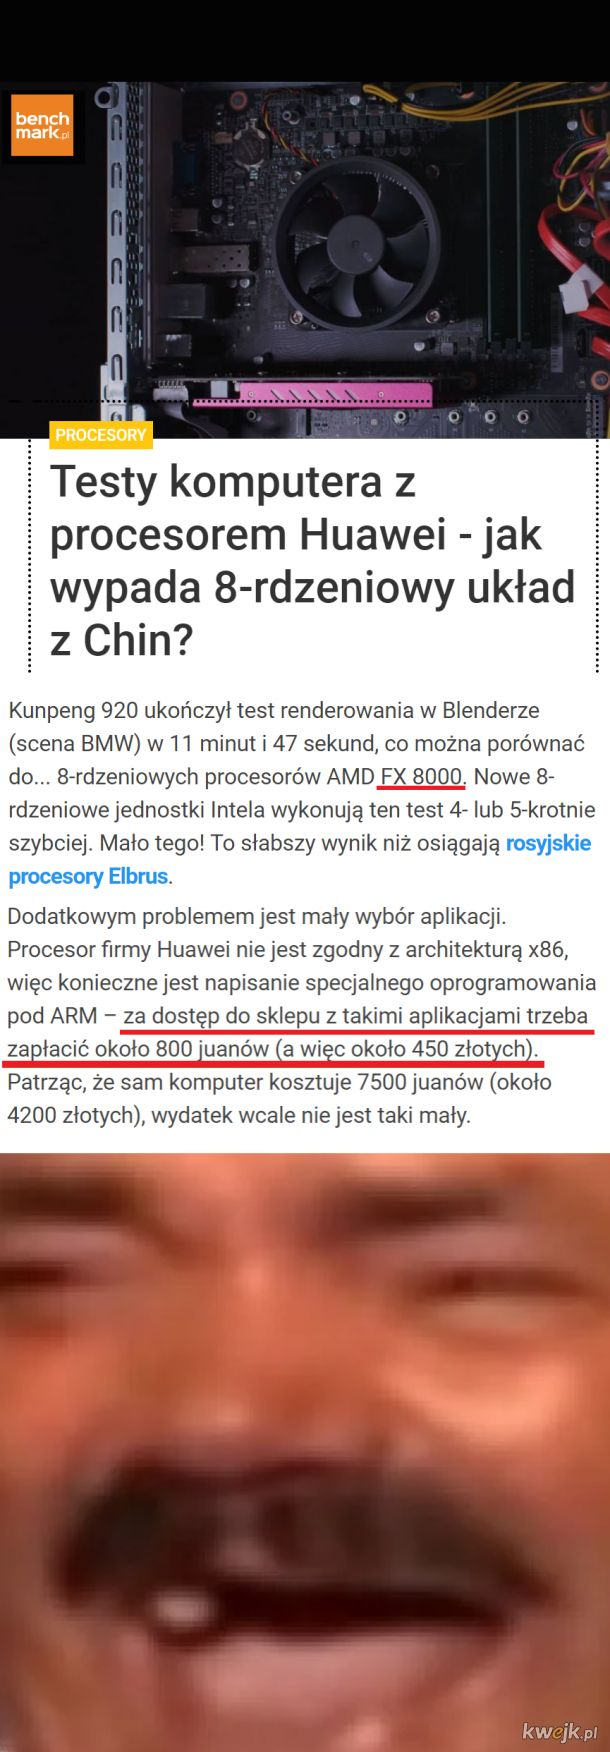 2010 dzwonił i pytał o swój procesor